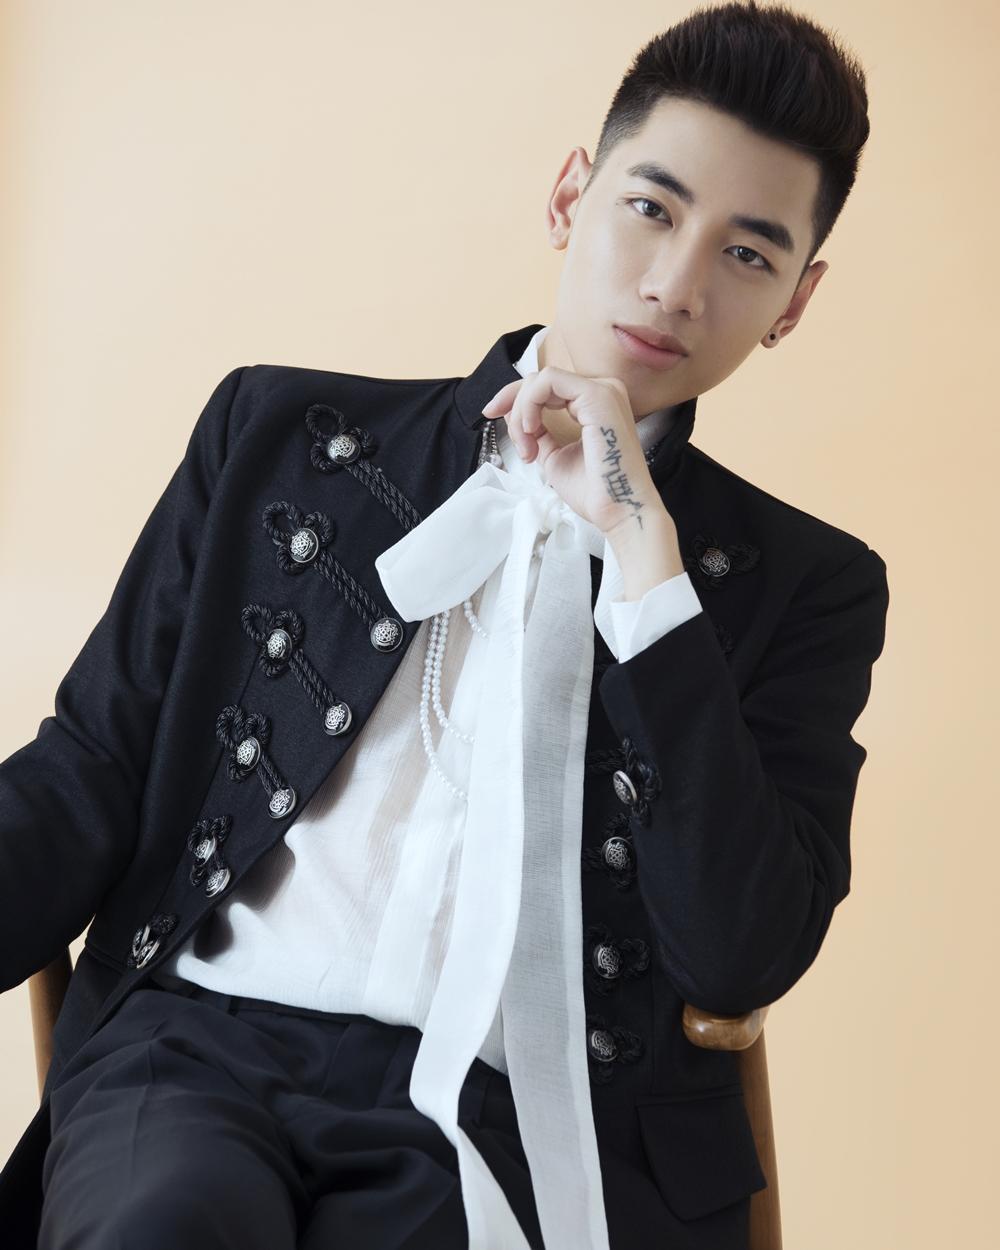 K-ICM và APJ sẽ đại diện nghệ sĩ Việt tham gia biểu diễn tại lễ hội âm nhạc Hàn Quốc cùng SuperM, Monsta X, ITZY